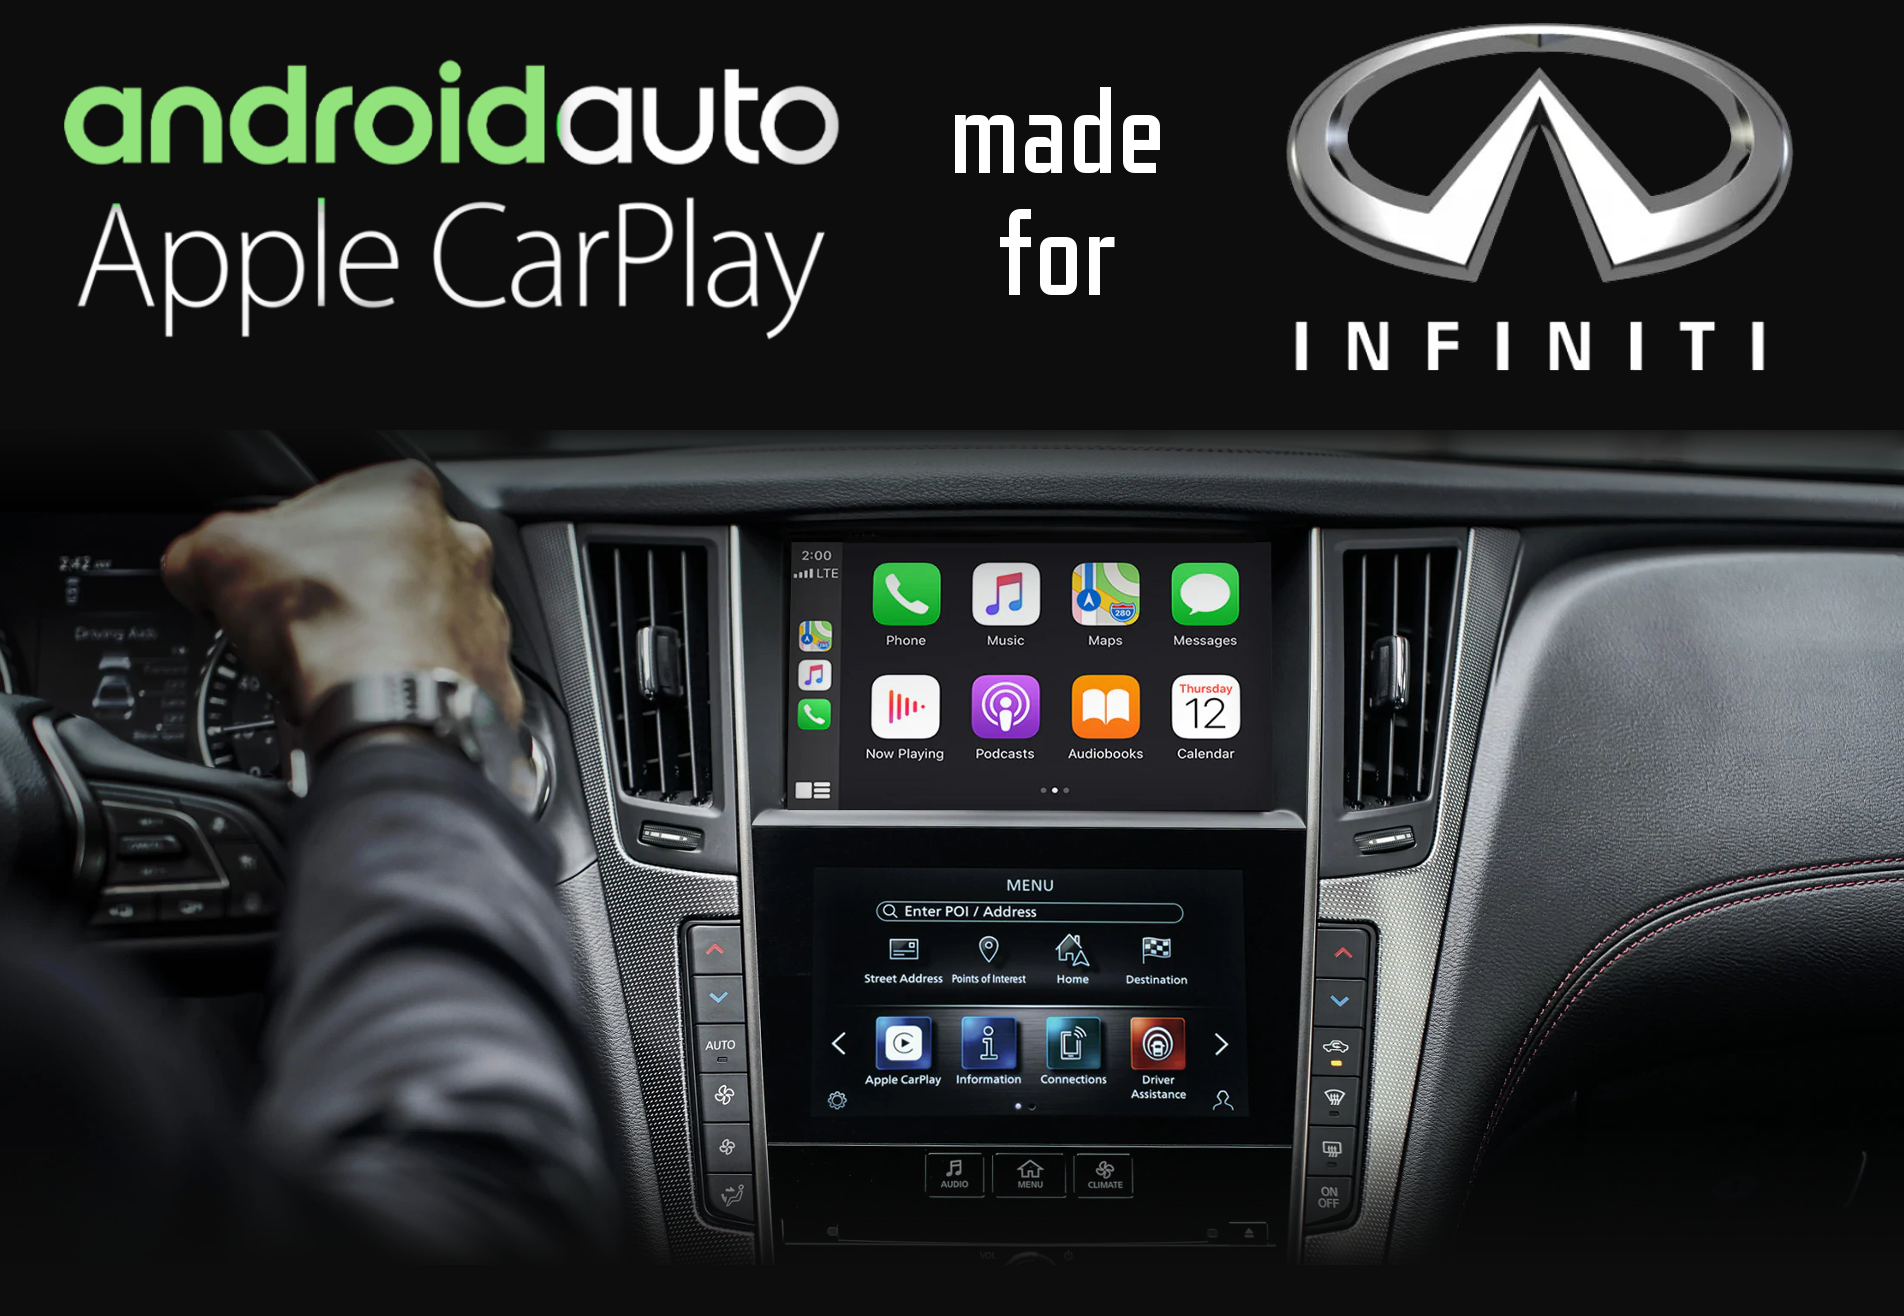 Aftermarket Apple Carplay, Android Auto integration for Infiniti factory radio screens for EX35, FX35/45/50, G35/35S, G37/37S, G37/37S, G Convertible, G Coupe, G Sedan, JX, M. M35/45, Q30, Q40, Q50/QX50/Q50L, QX50, QX56, Q60, QX60, Q70, QX70, QX80